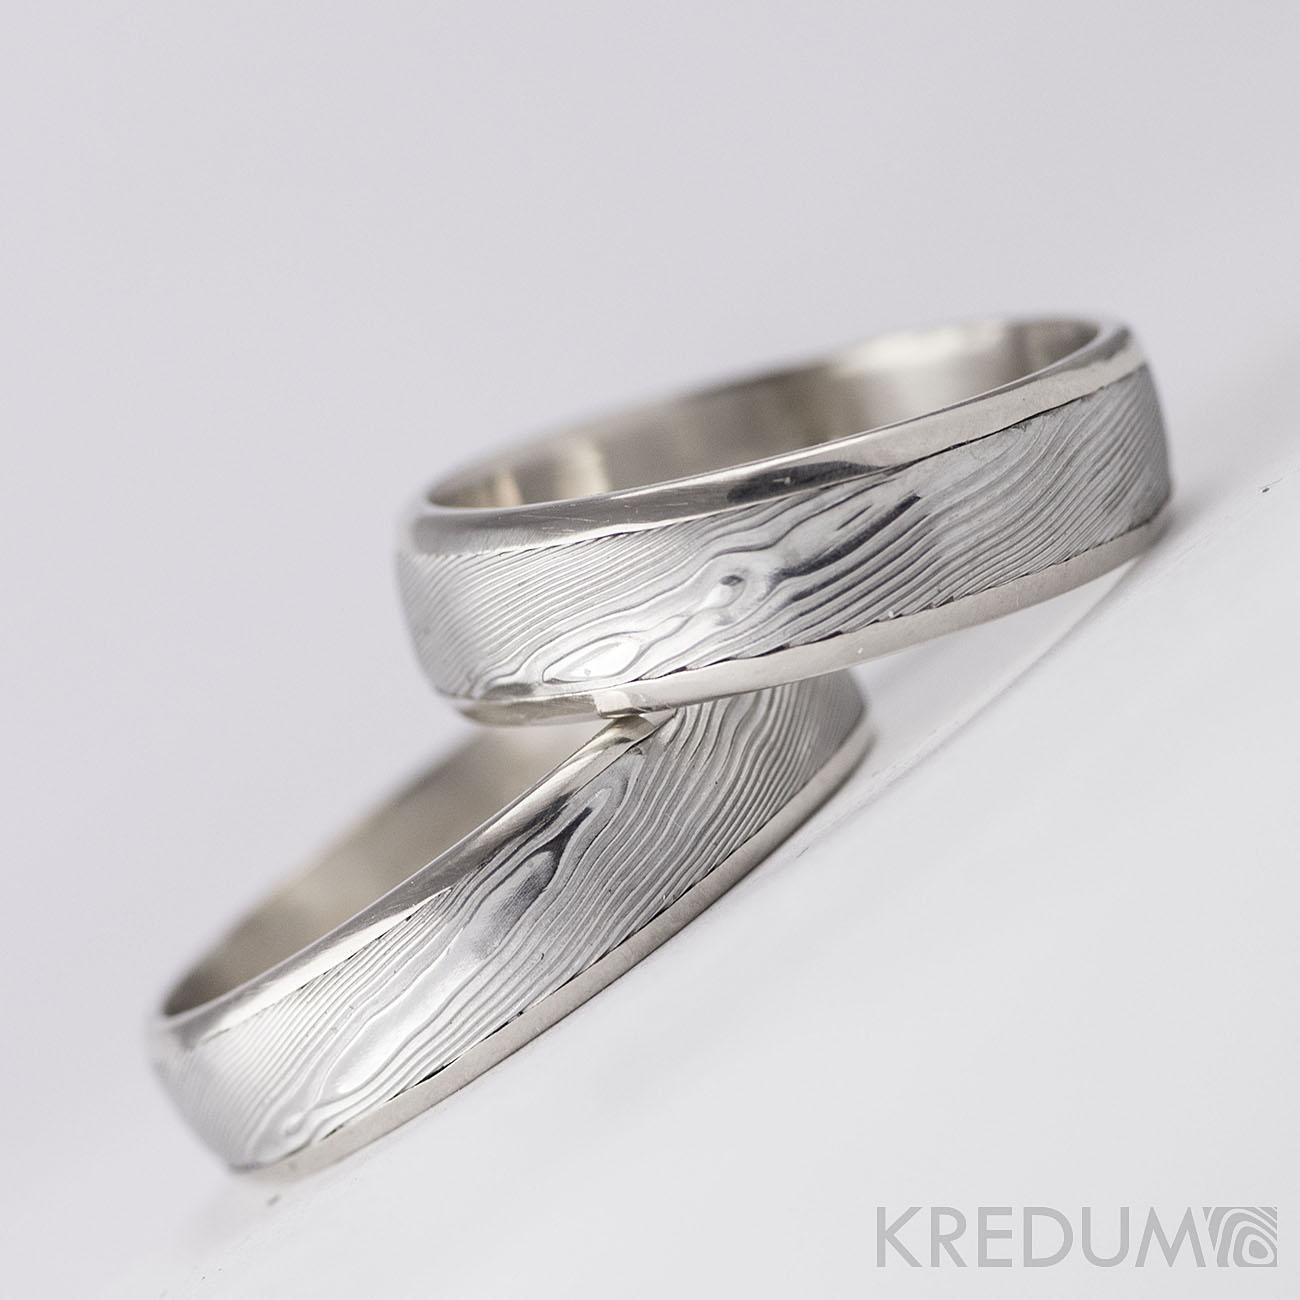 Pár nových prstenů v kombinaci damasteel a zlato, bílé zlato či stříbro - Obrázek č. 3